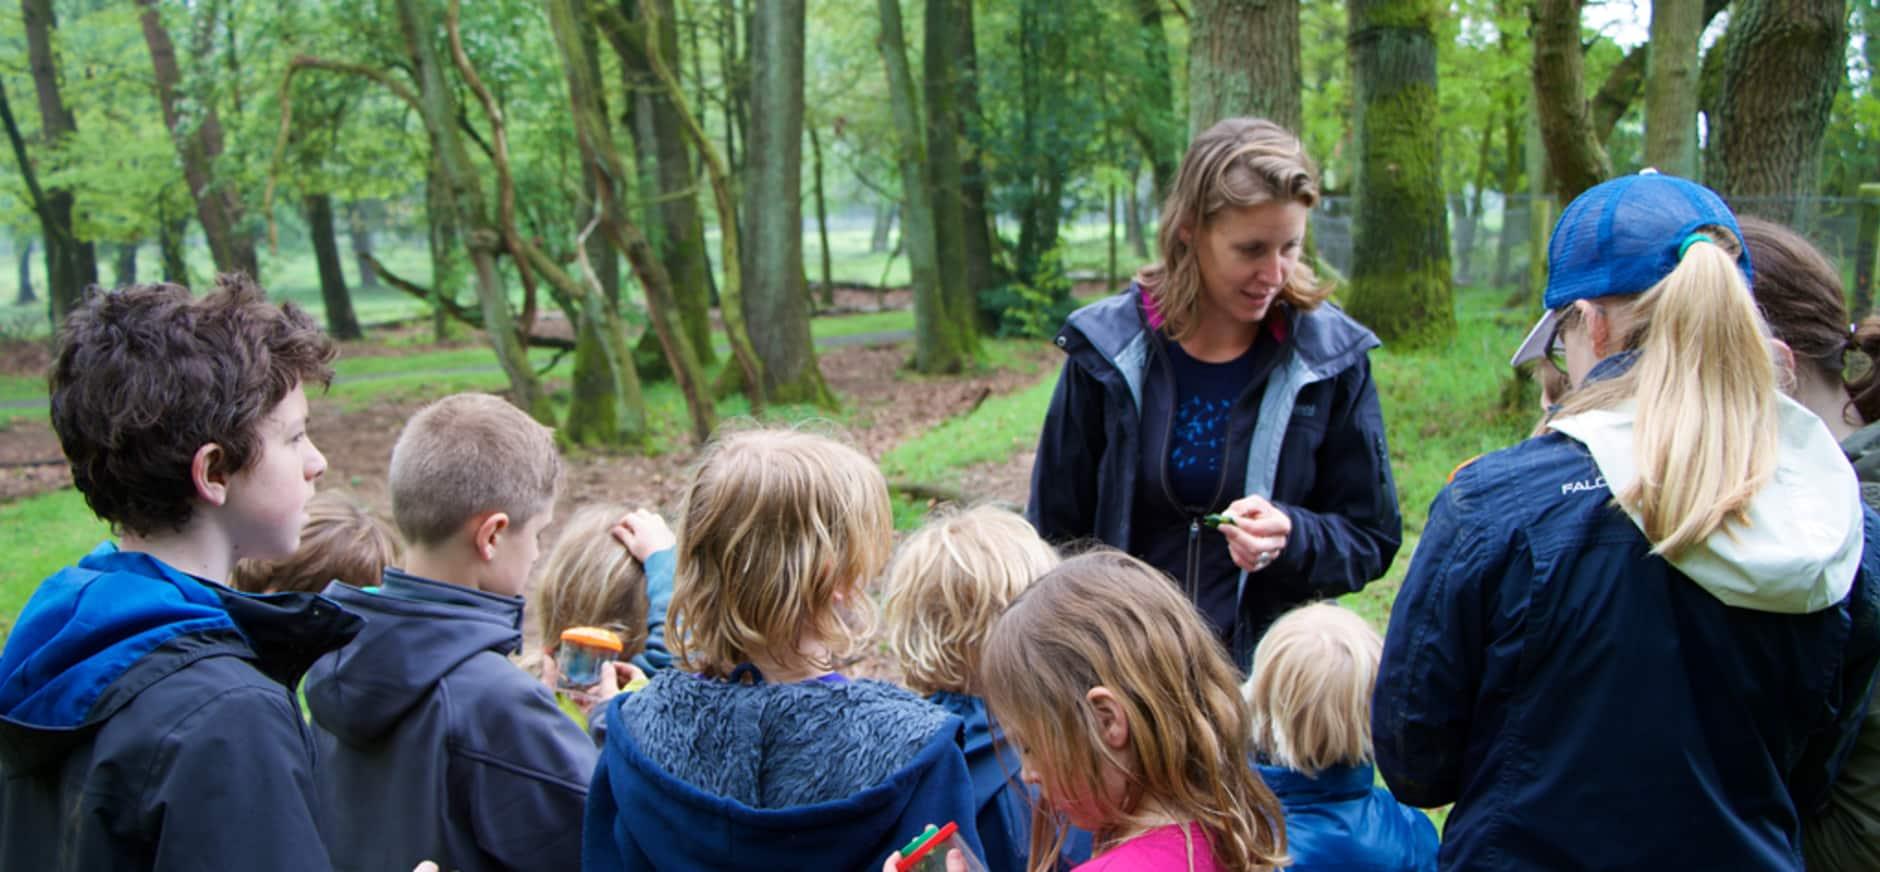 Batdetector maakt overuren tijdens SNP Safariweekend van OERRR